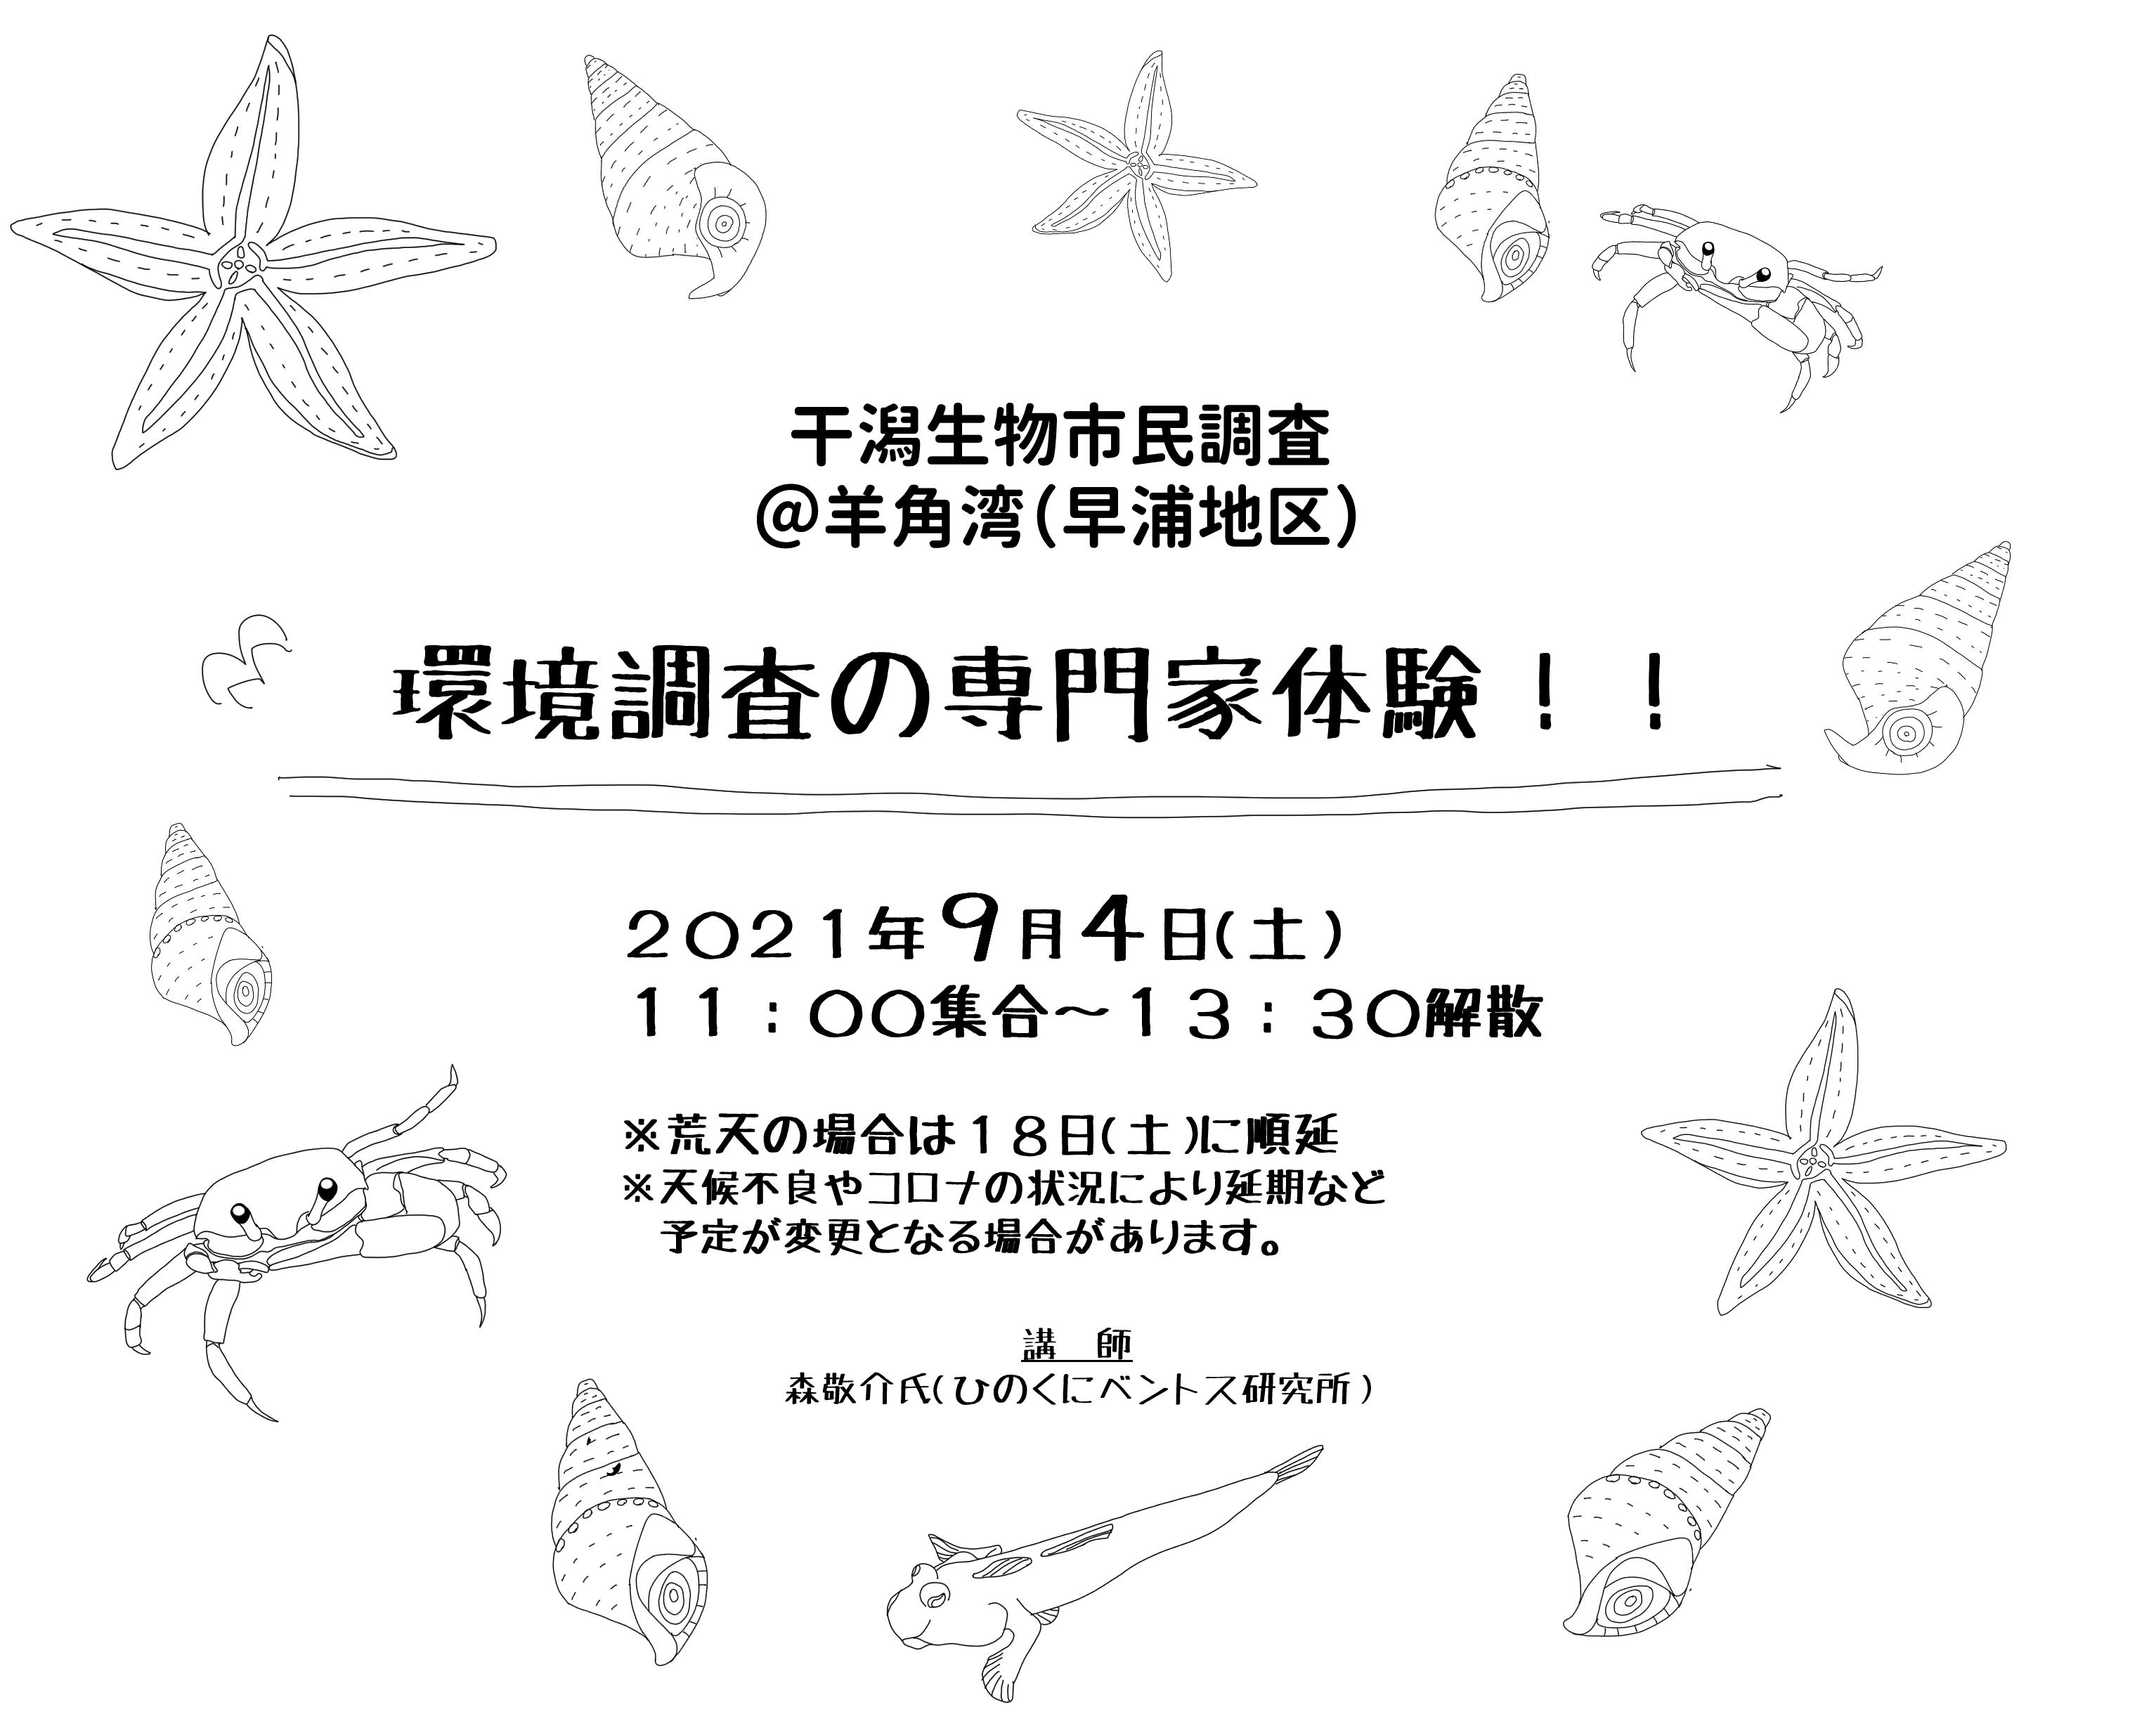 干潟生物調査@羊角湾(早浦地区)「環境調査の専門家になろう!!」